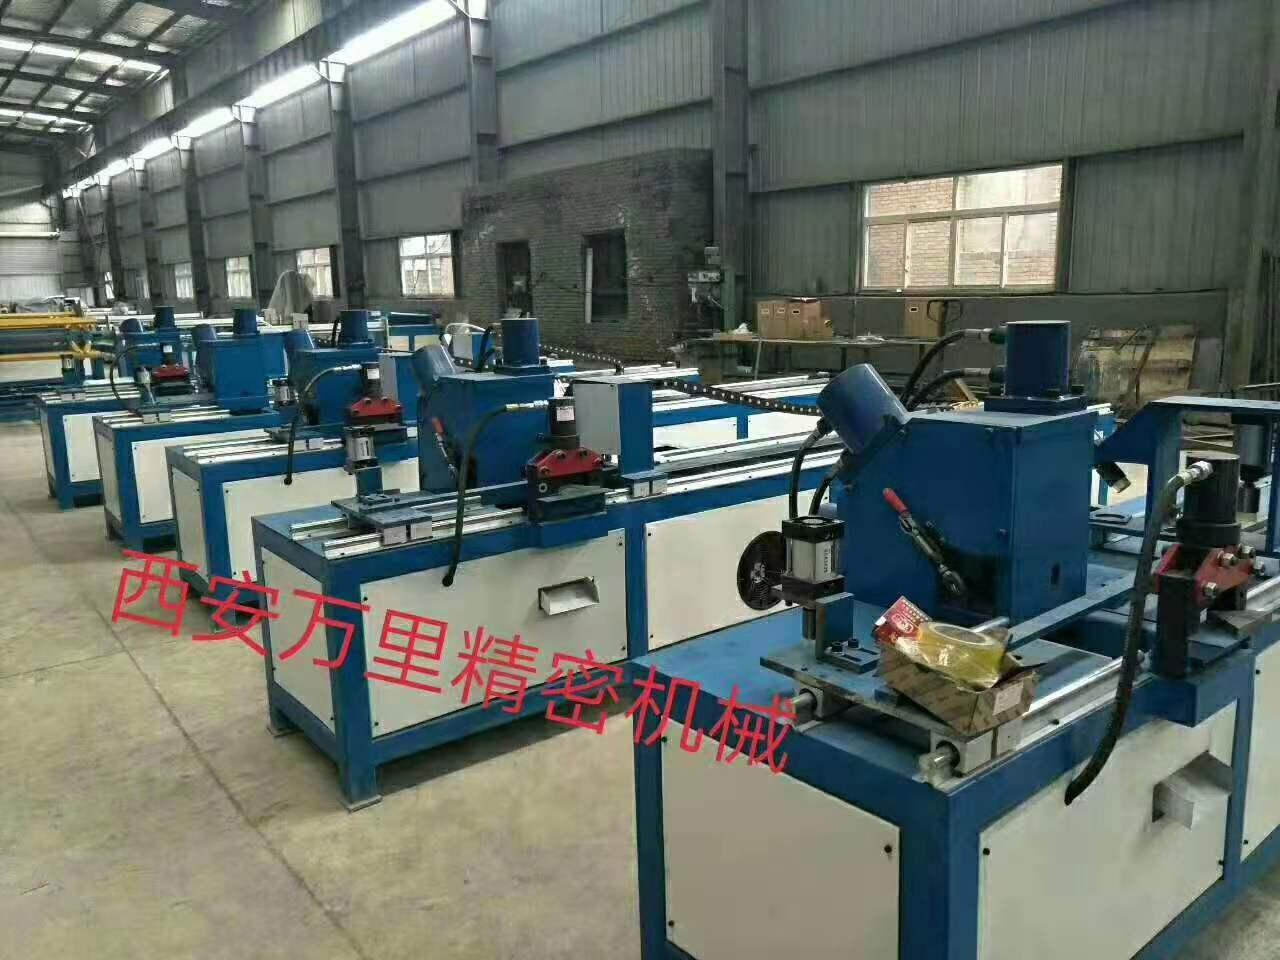 西安万里精密机械来教大家选购角铁法兰自动焊的方法啦